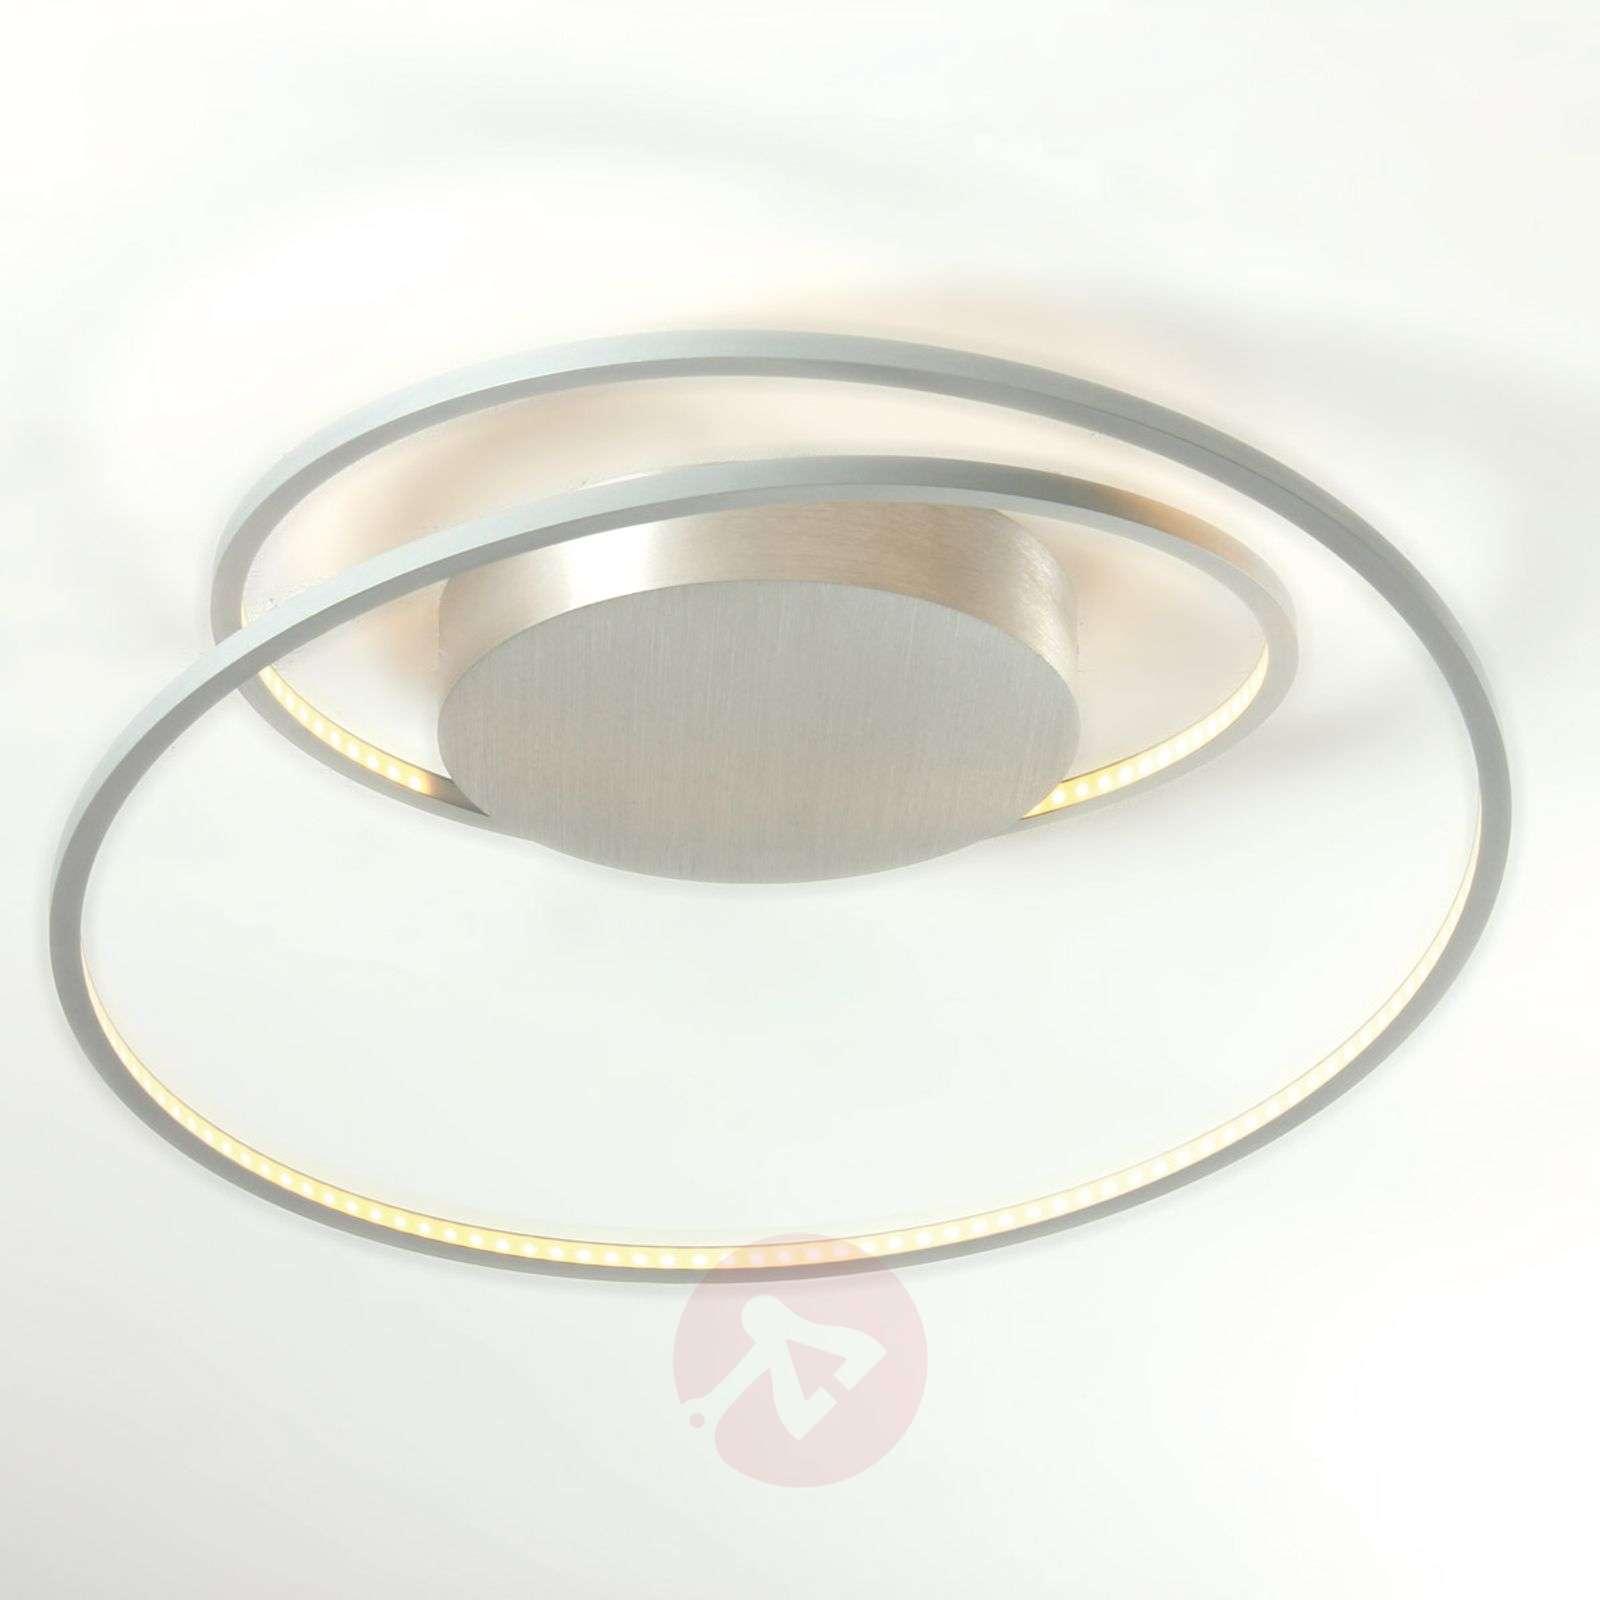 Lumoava LED-kattovalaisin At alumiinista-1556123-01